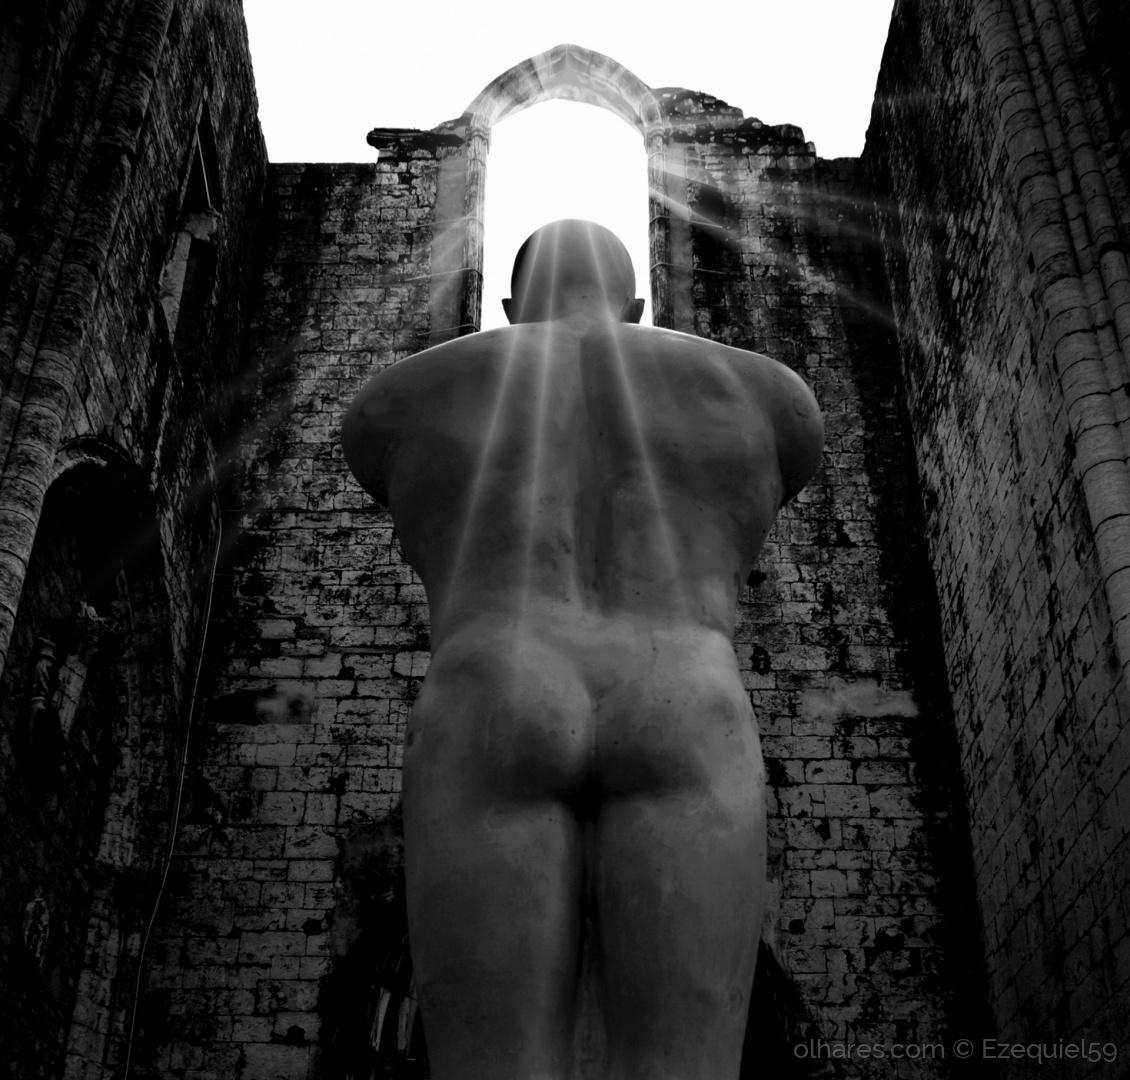 História/The spirit of the light (Ler descrição)